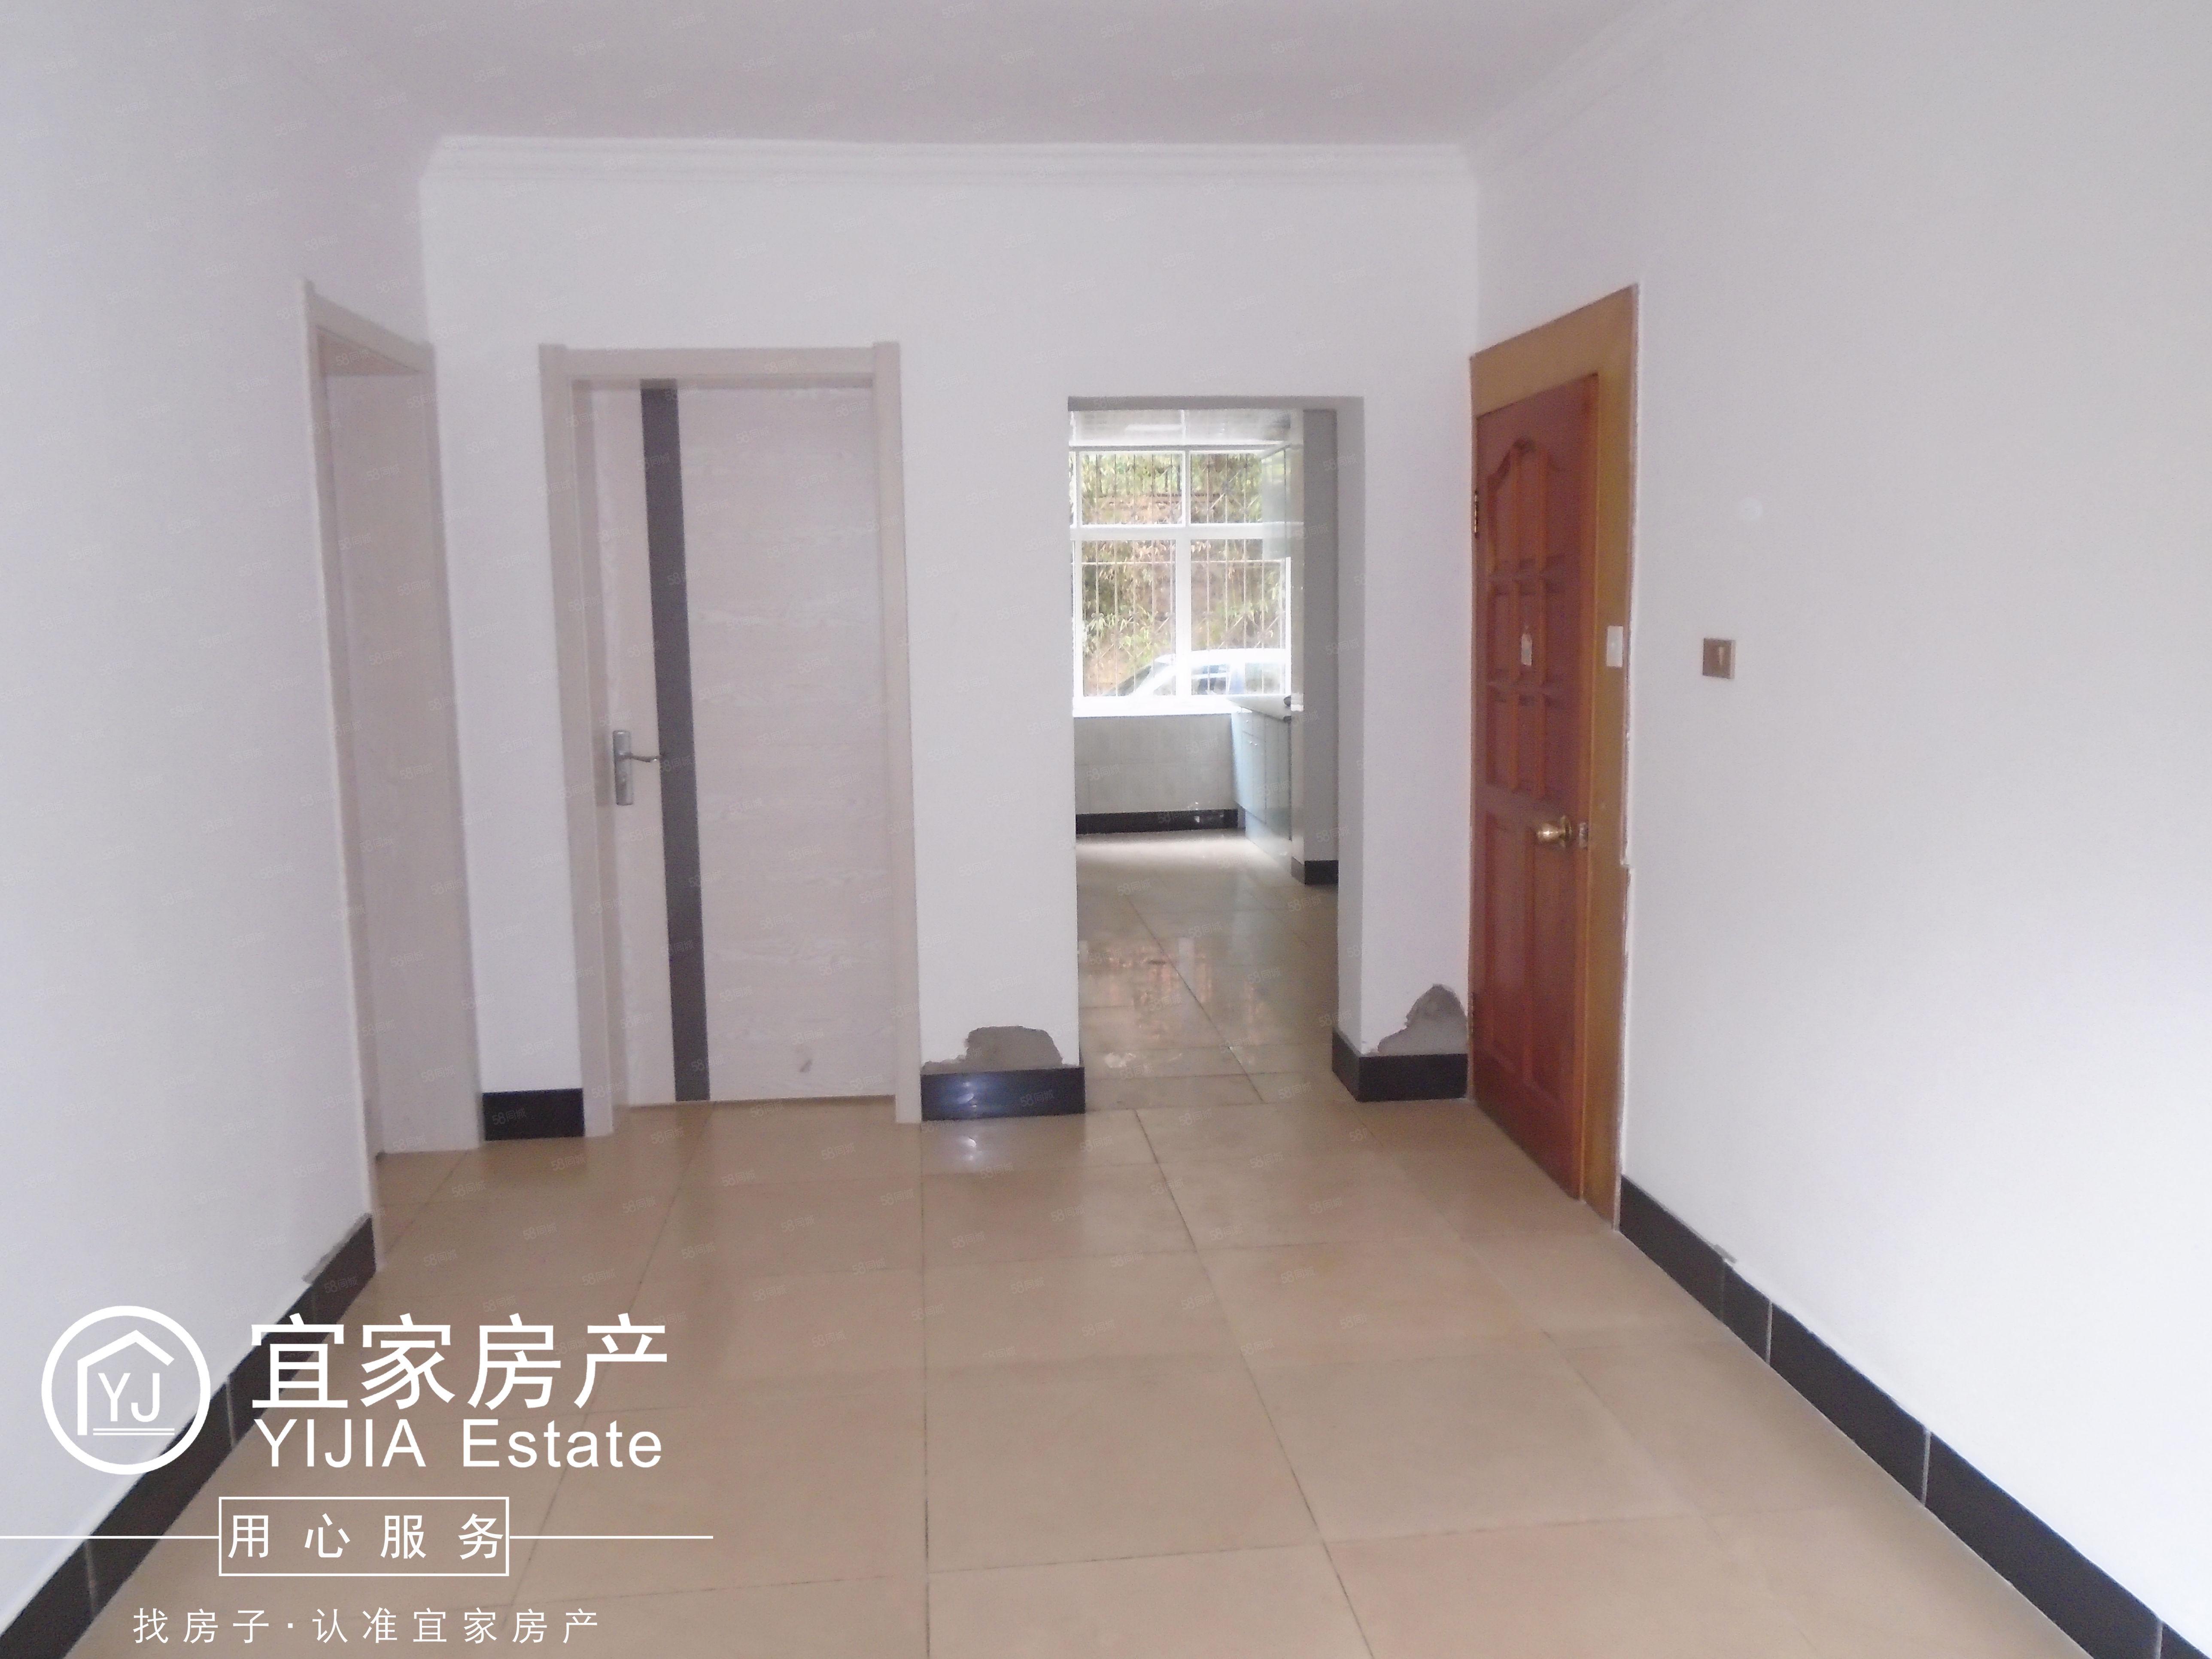 凤凰路烟草服务公司,中档装修,73平米,2室2厅1卫光线好